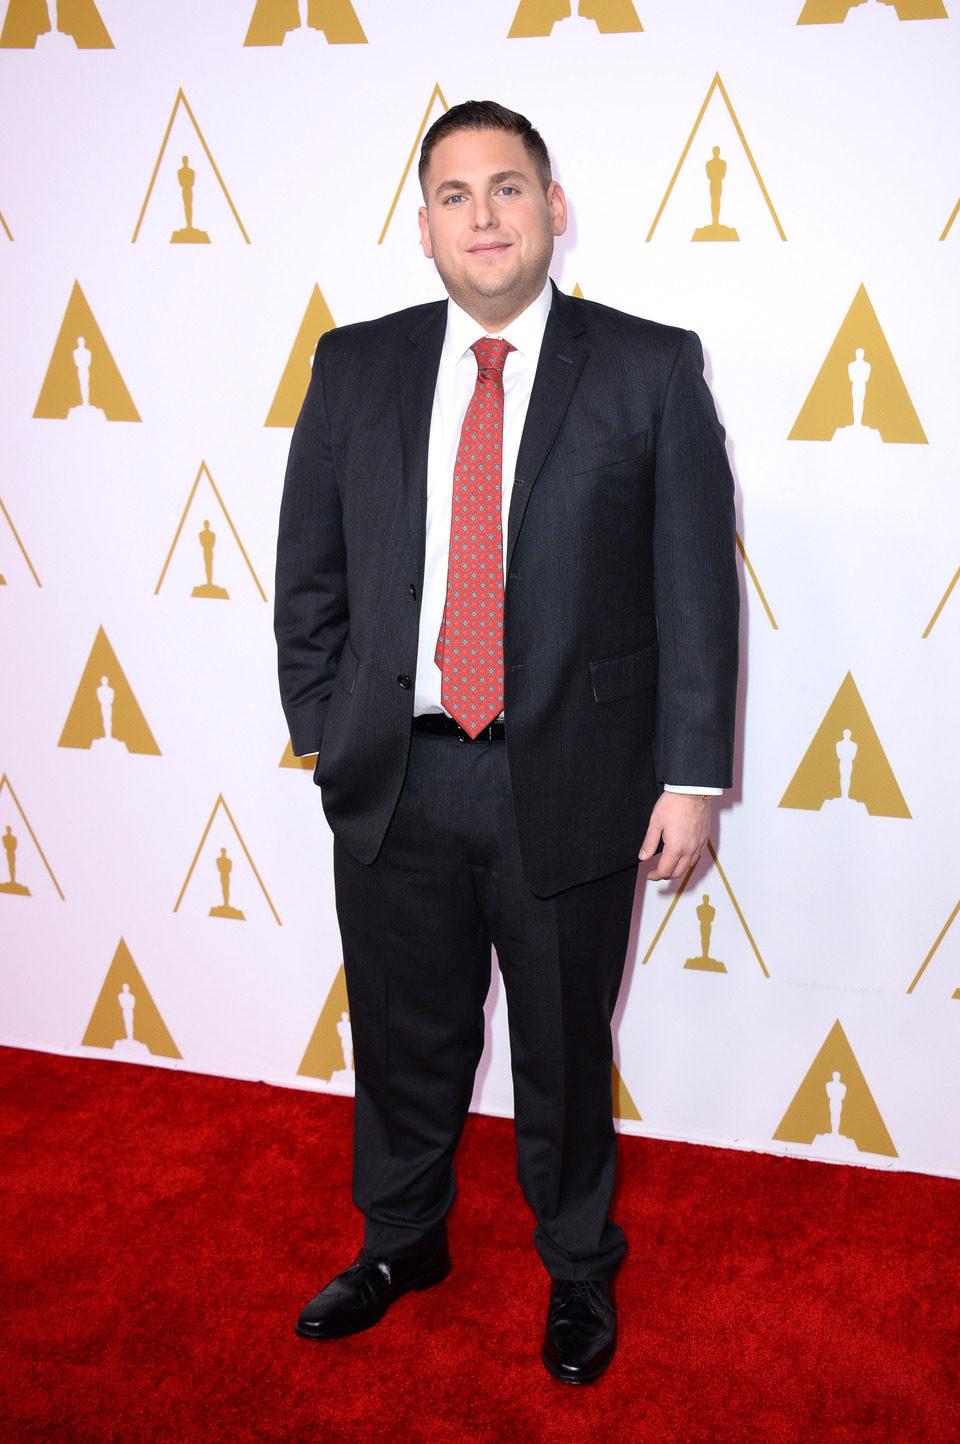 Jonah Hill en el almuerzo de los nominados a los Premios Oscar 2014